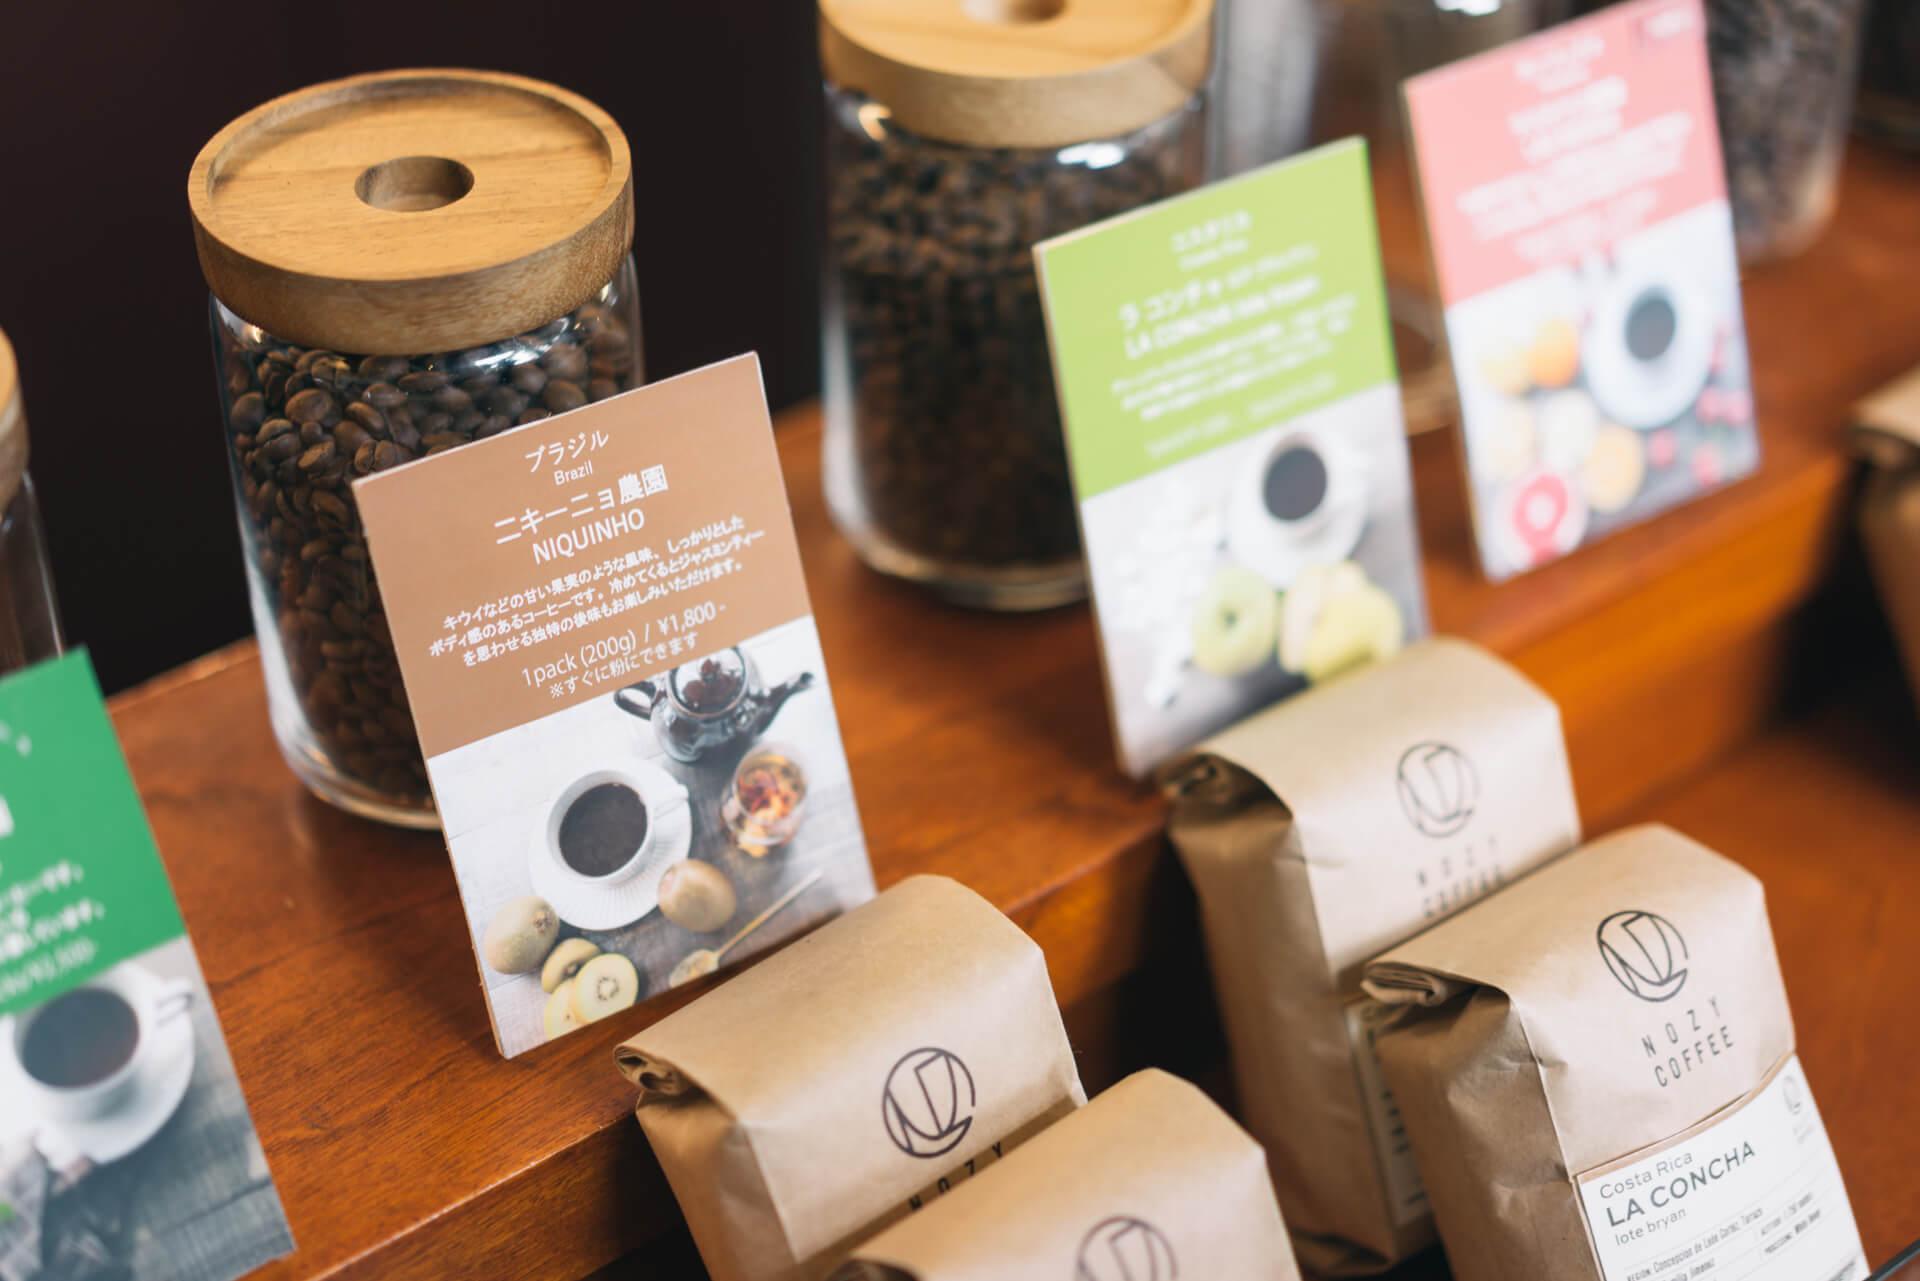 NOZY COFFEEで購入できる豆の種類は、常時7〜8種類ほど。すべて、詳しい産地についての説明と、味をイメージした写真が添えられていました。